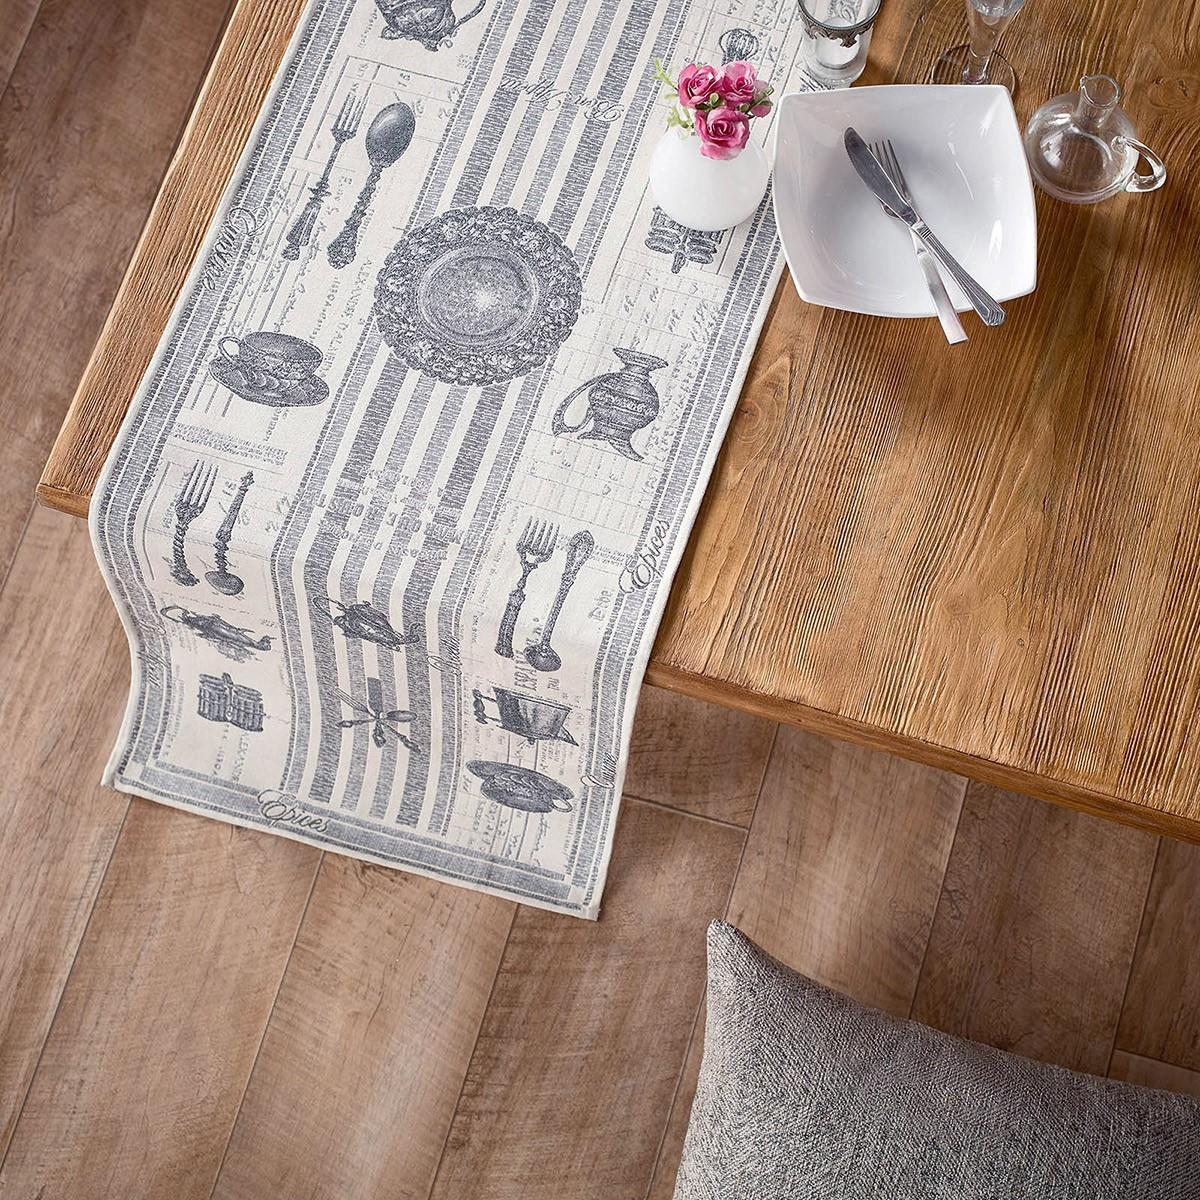 Σεμέν (40x100) Gofis Home Audette 468 home   κουζίνα   τραπεζαρία   τραβέρσες